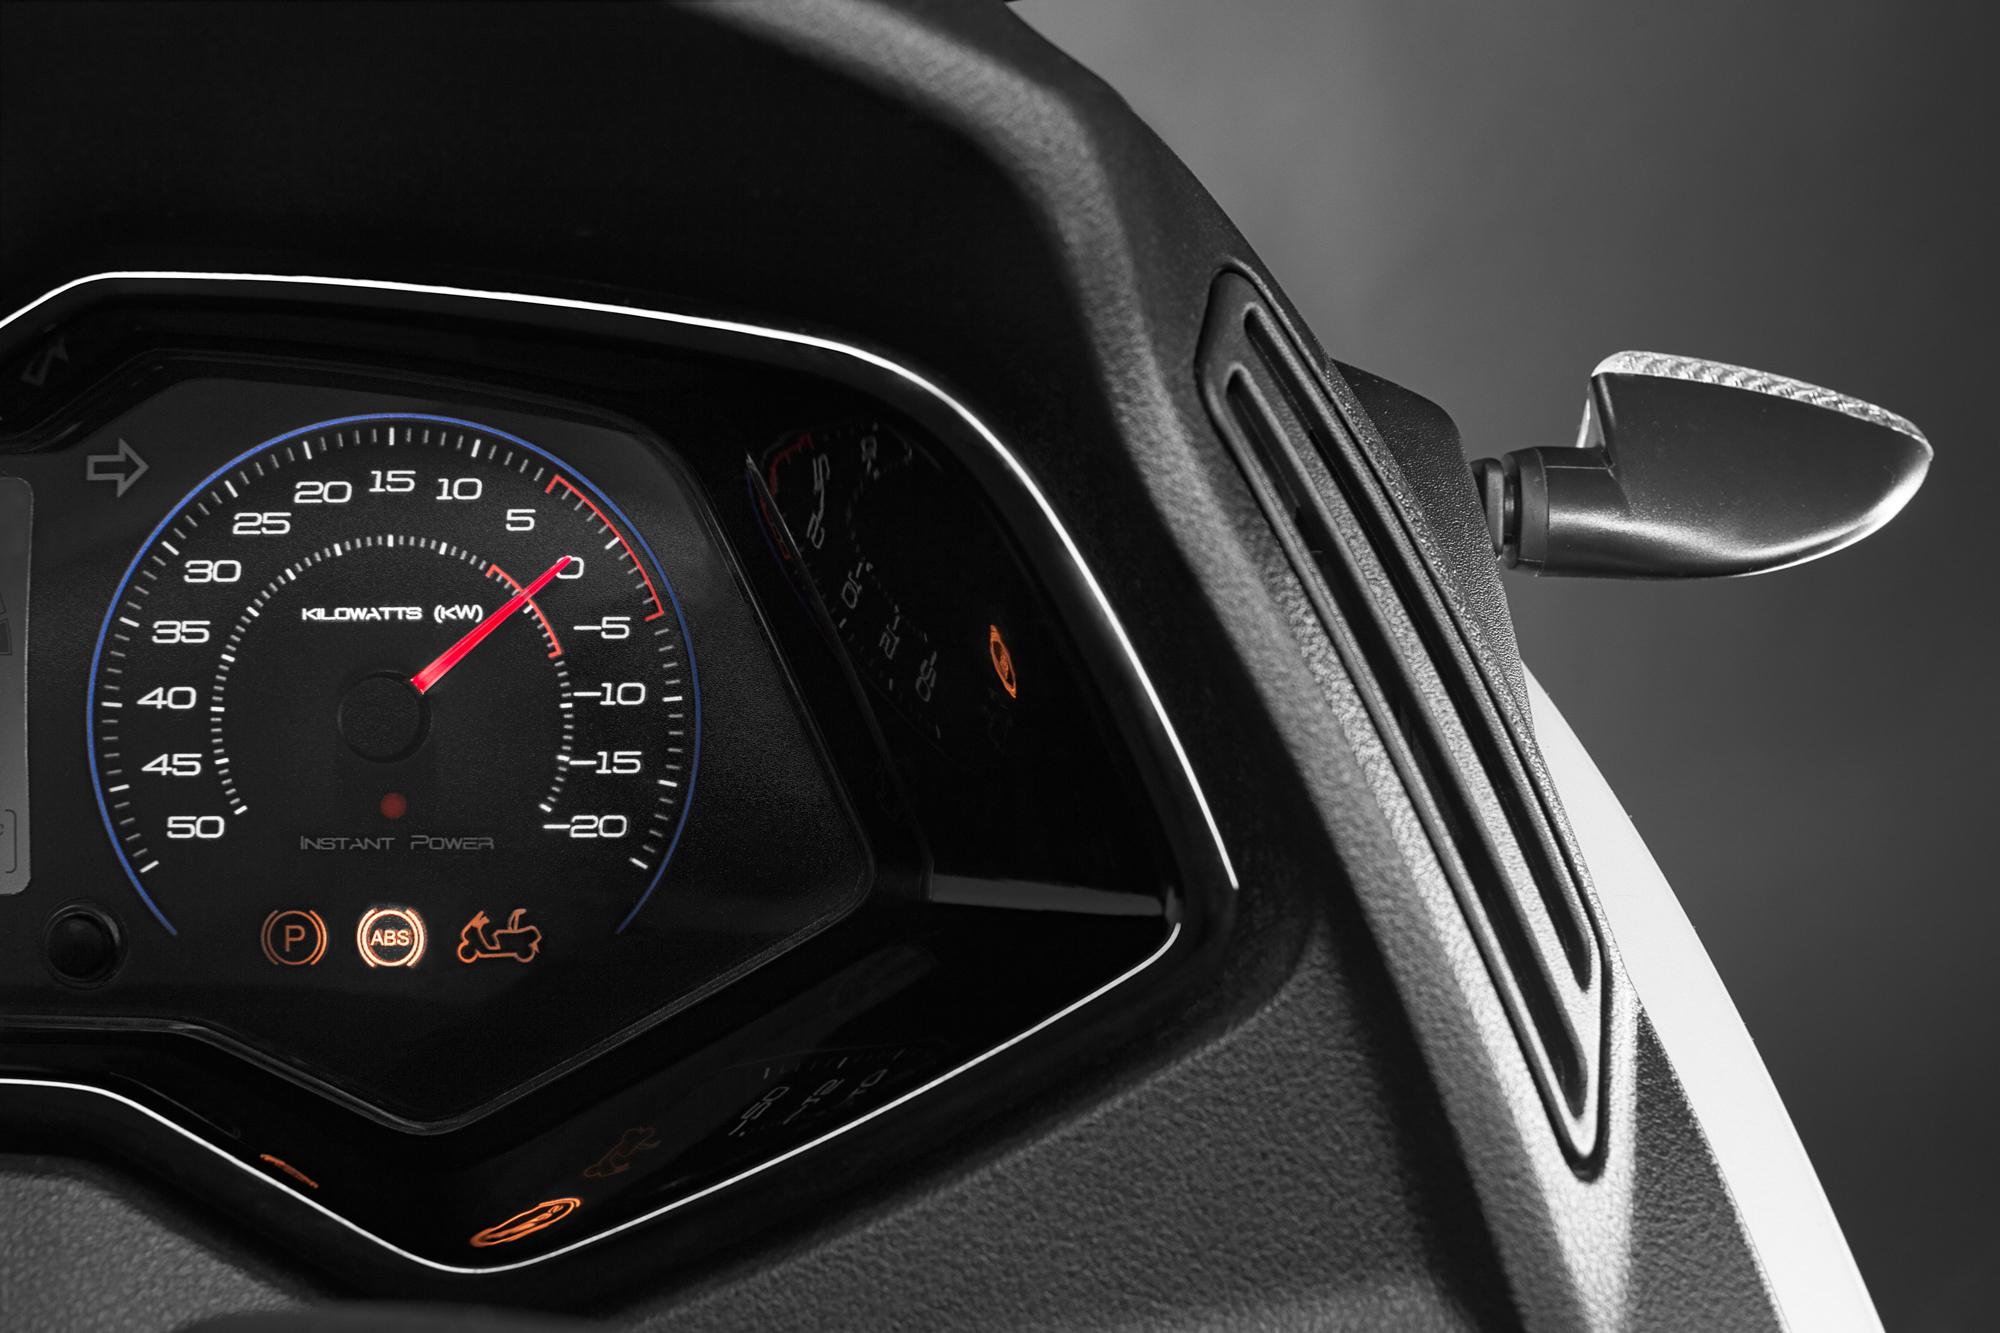 Peugeot-arva_005